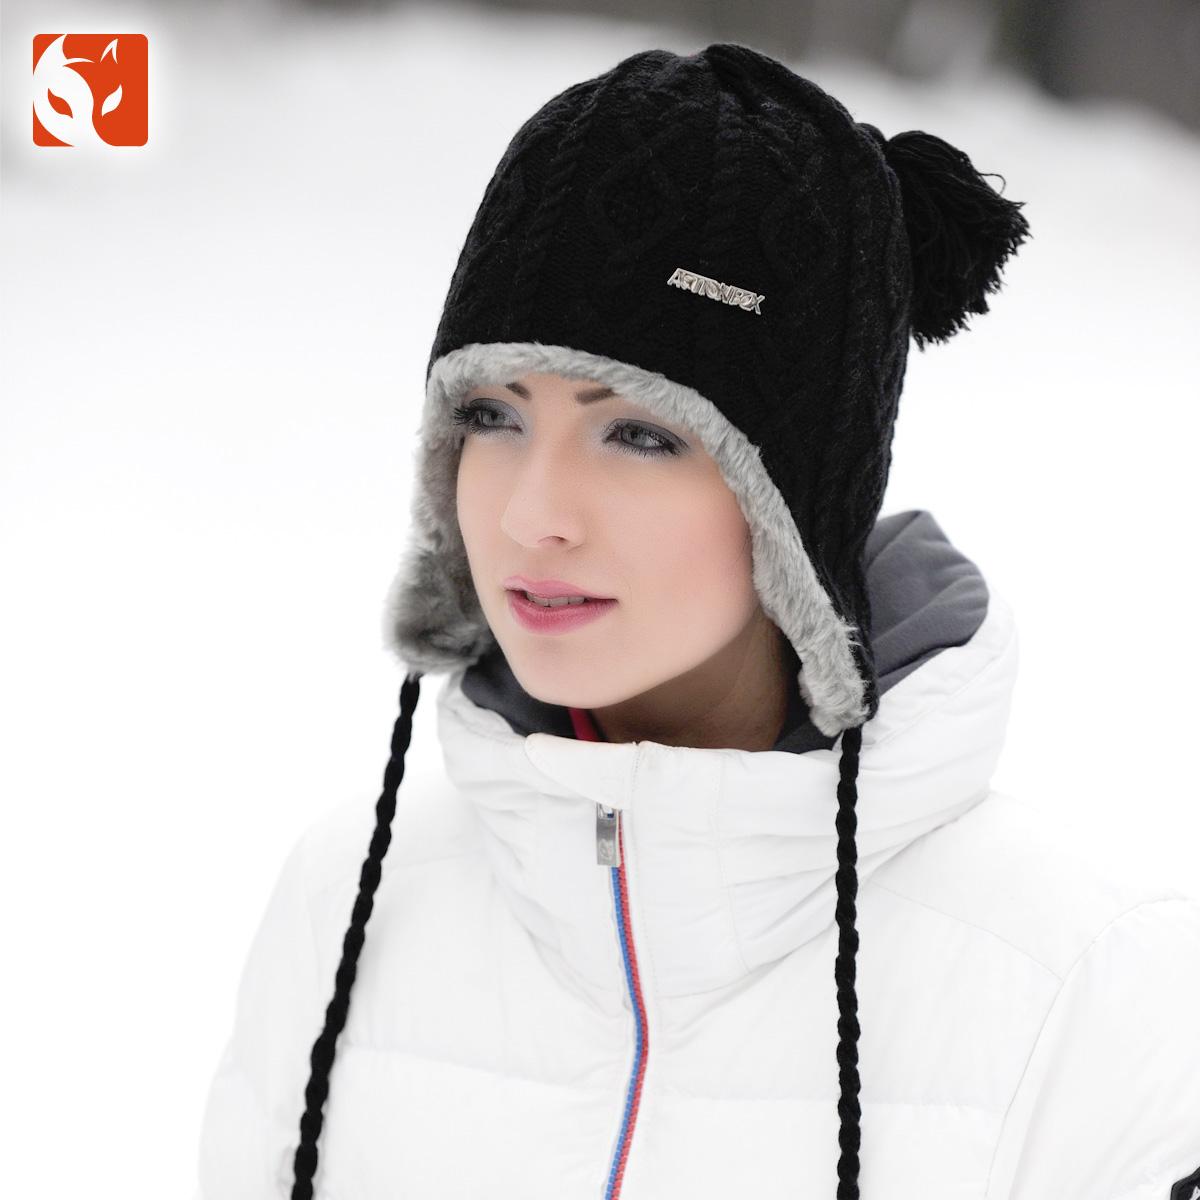 快乐狐狸帽子女冬天针织毛线帽秋冬双层加厚护耳帽冬季女帽潮0630